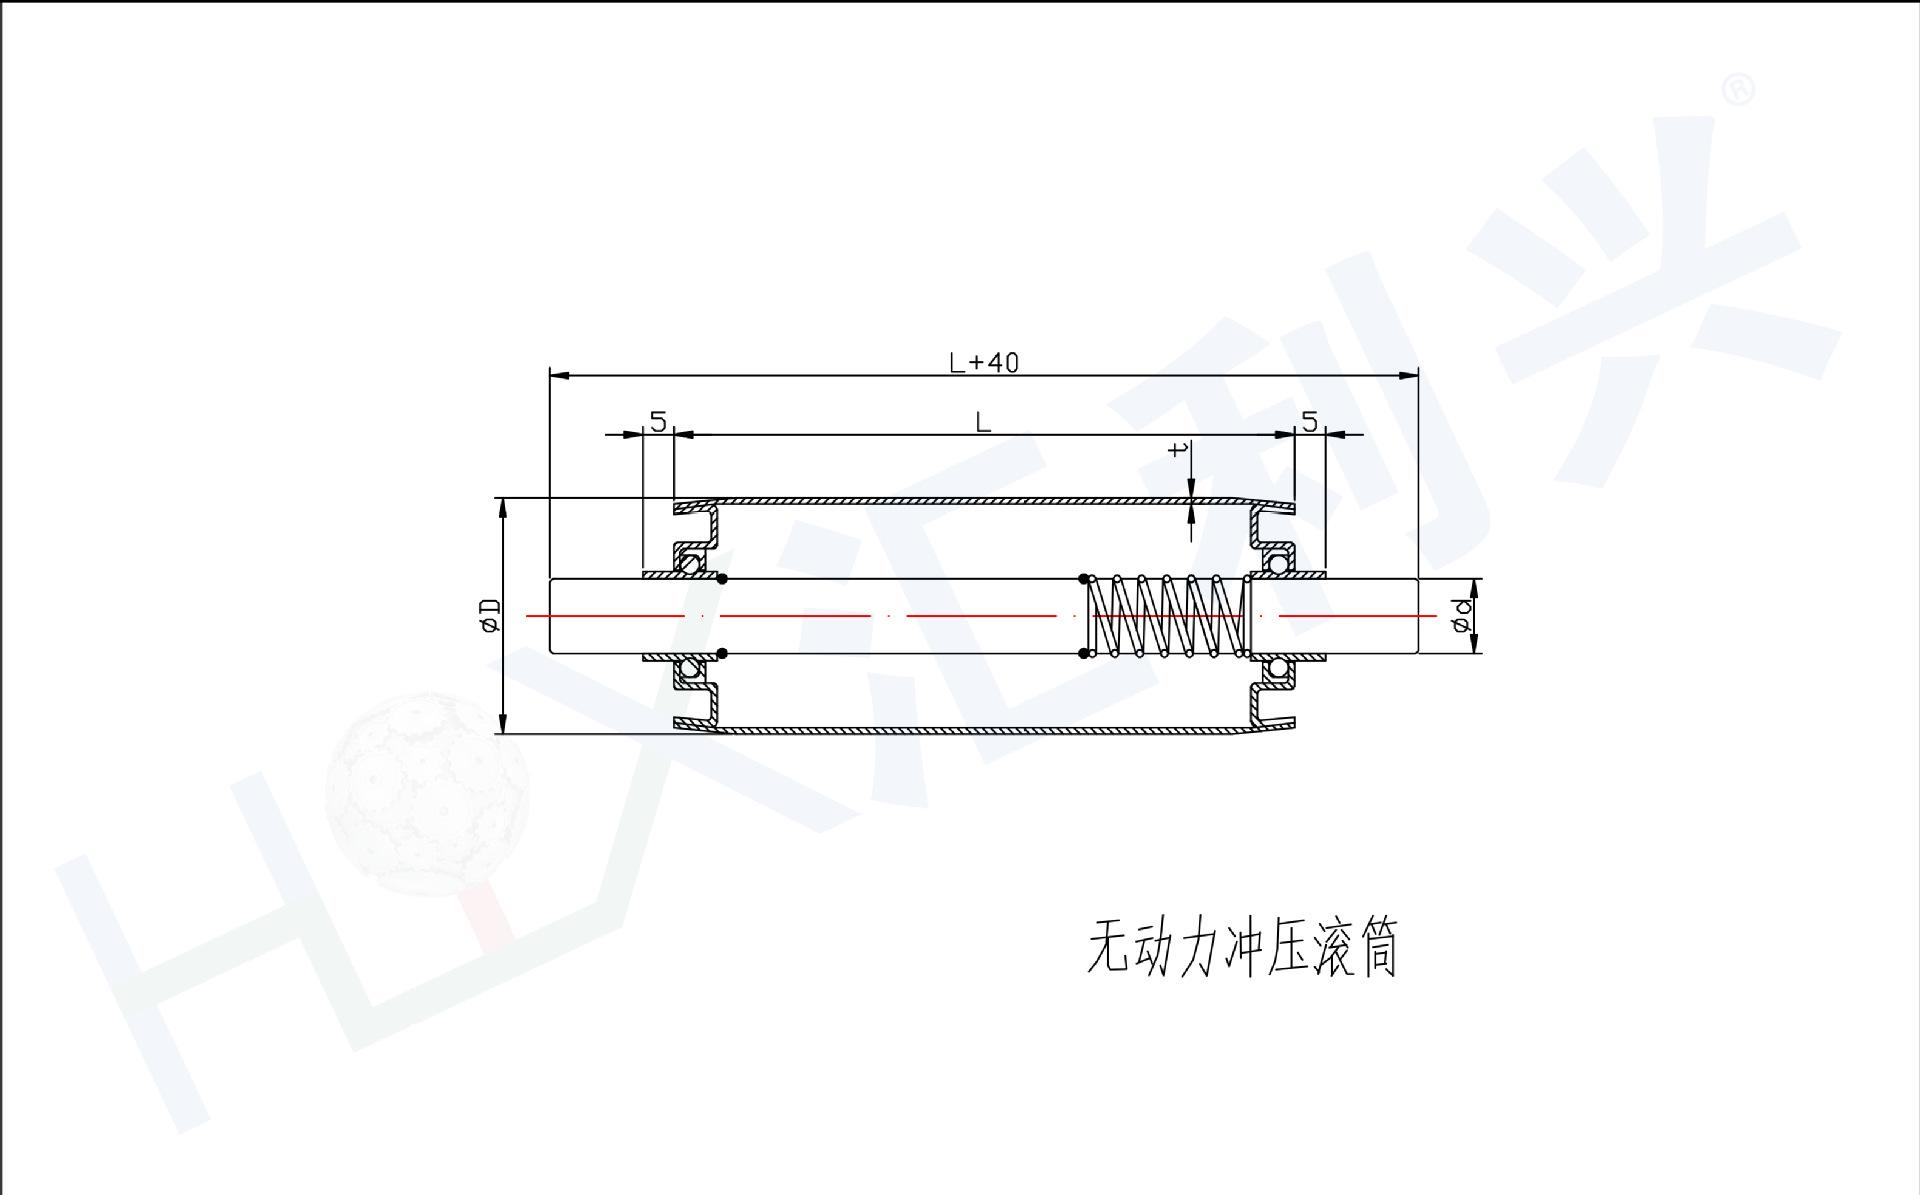 无动力冲压滚筒-Model